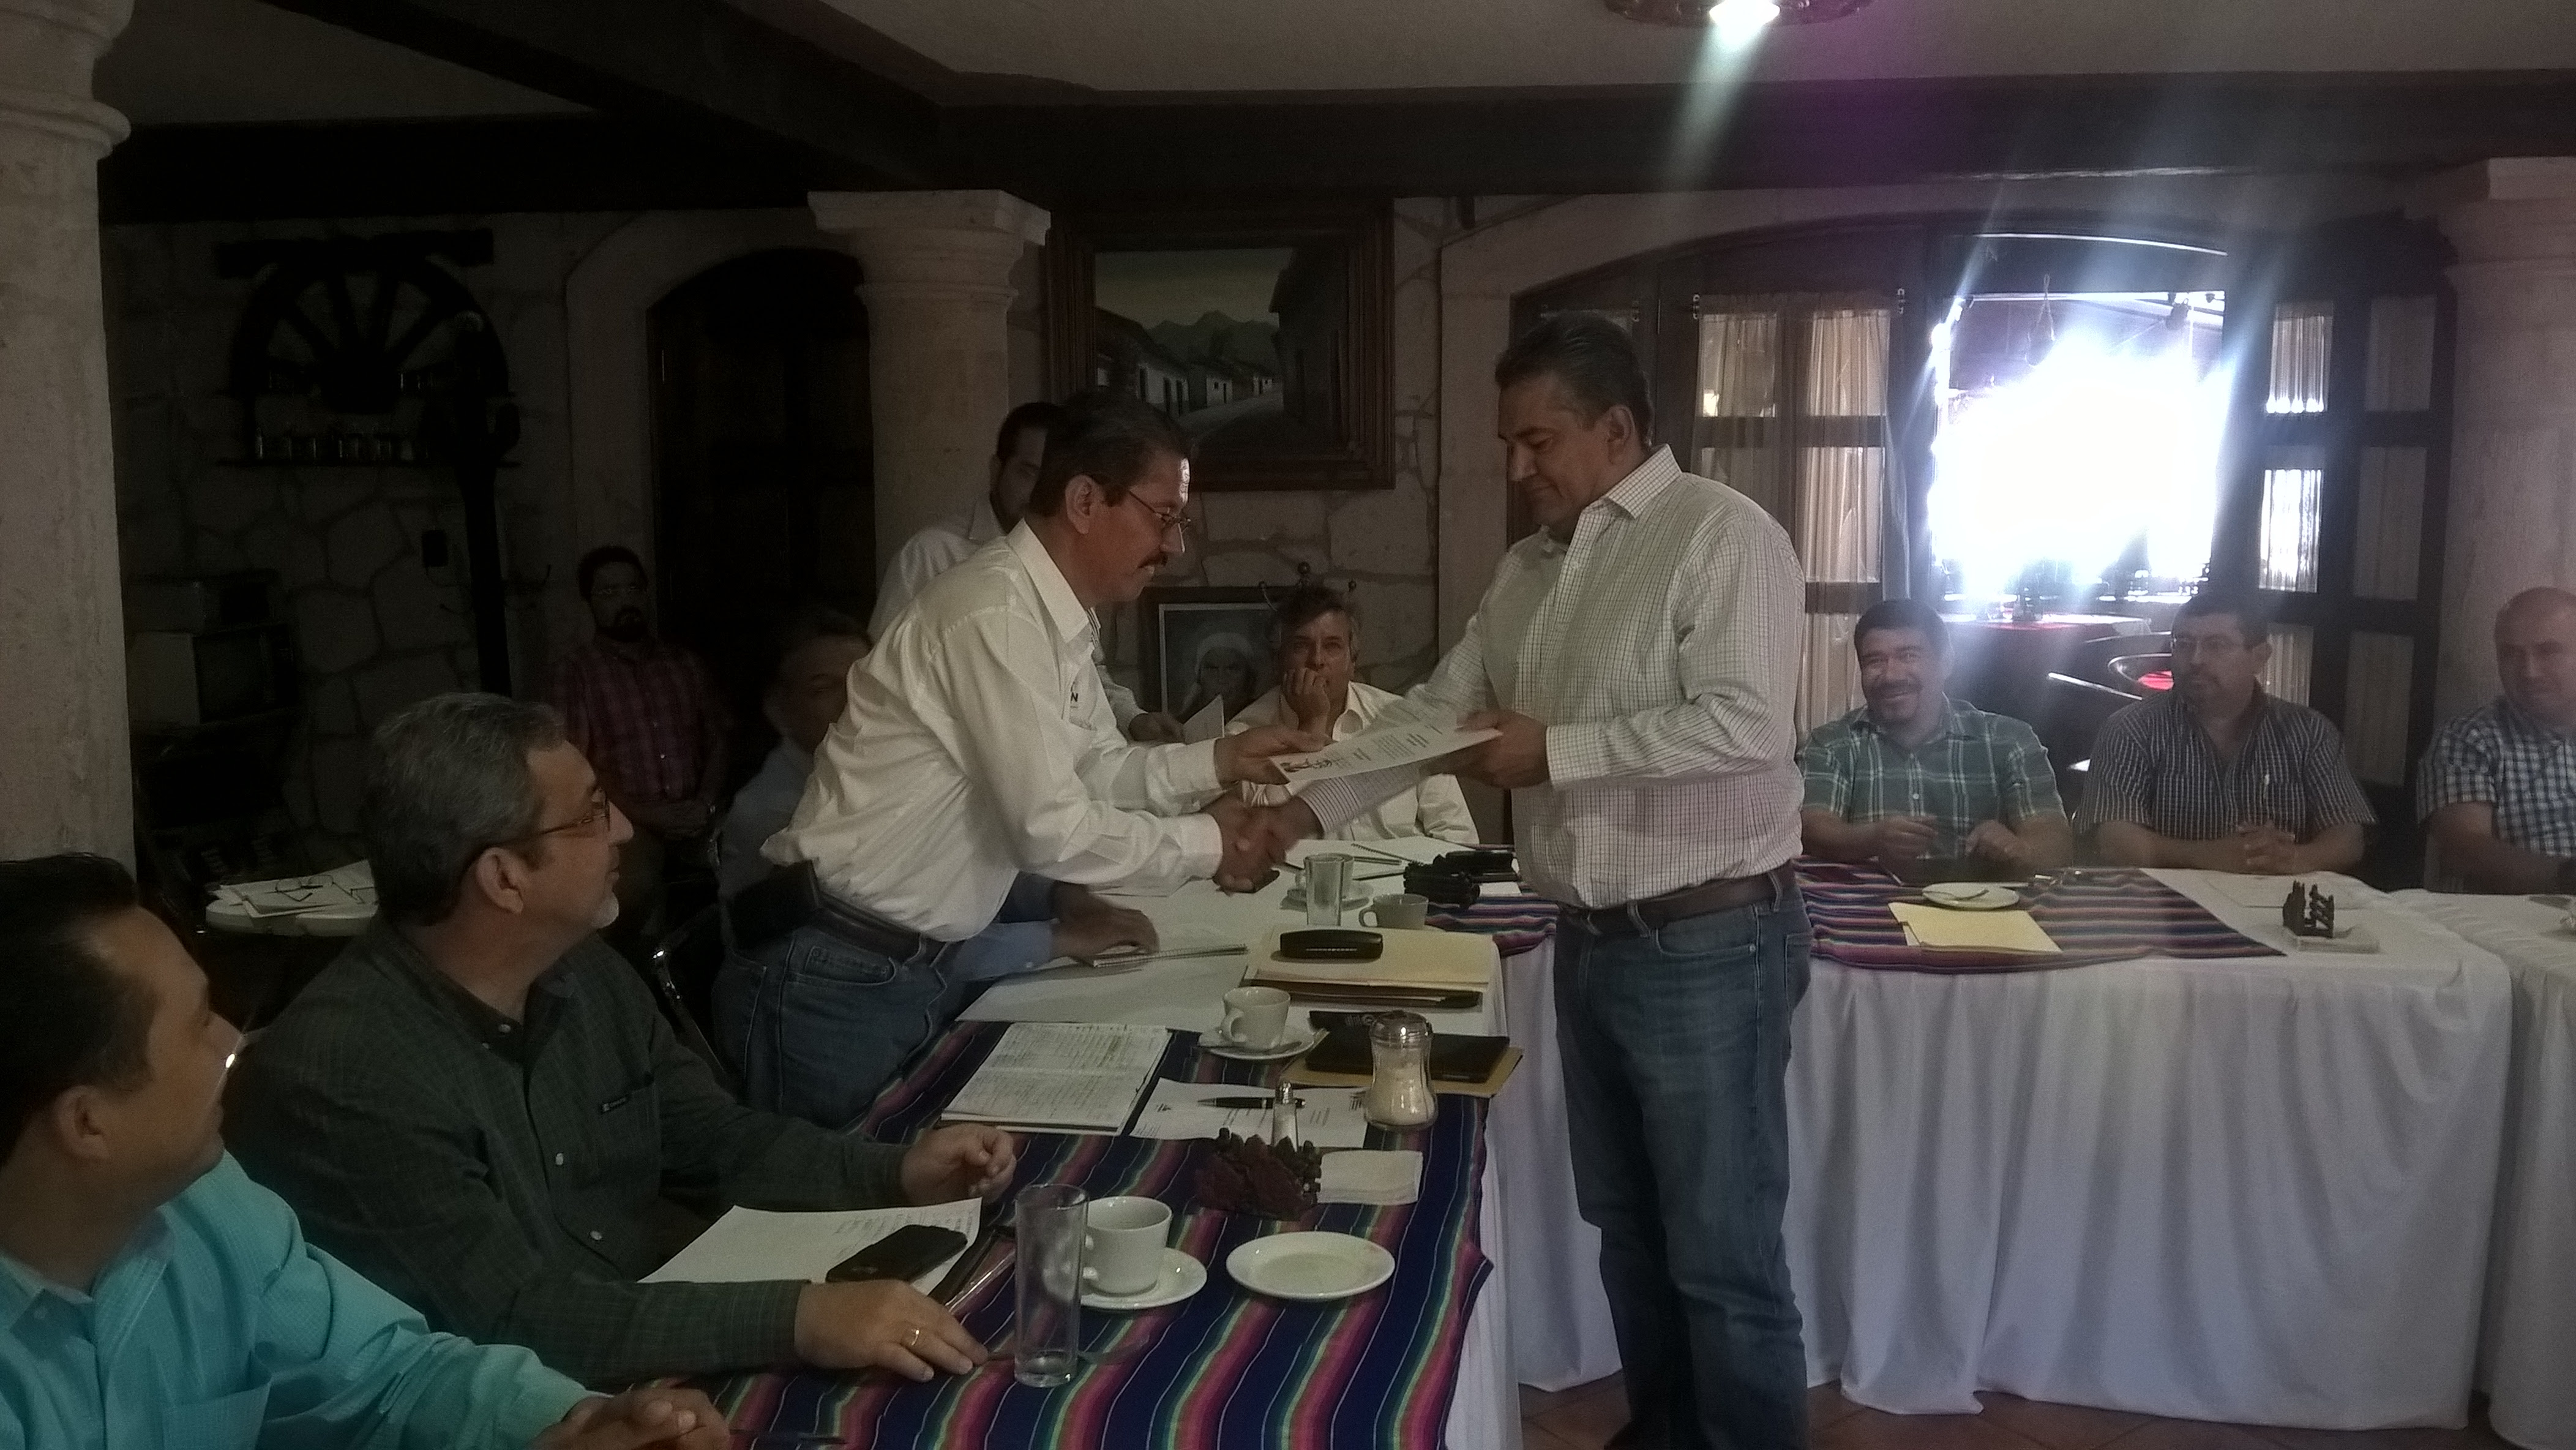 Tentory García exhortó a los nuevos directores a trabajar de tiempo completo y redoblar esfuerzos en favor de los hombres y las mujeres del campo